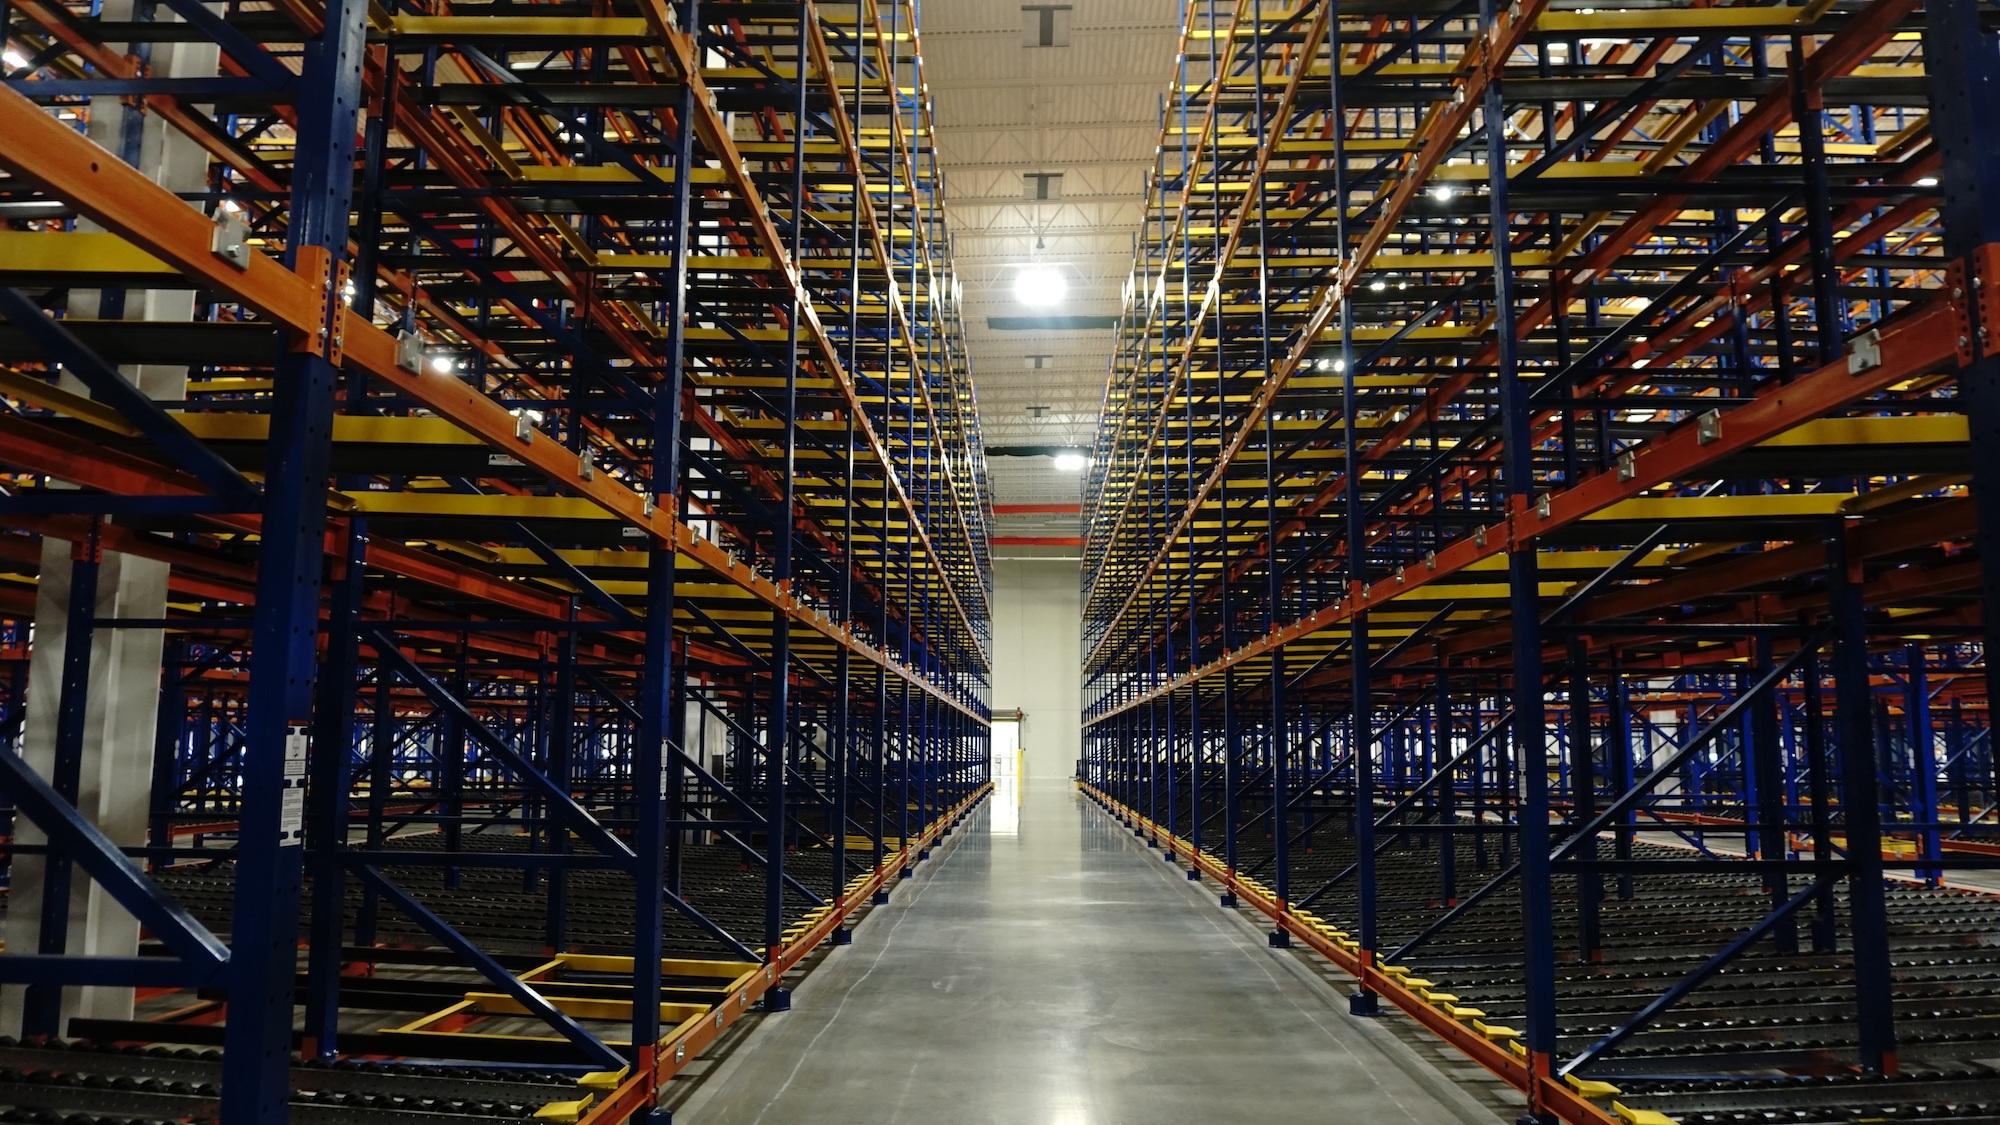 liquor distribution centre